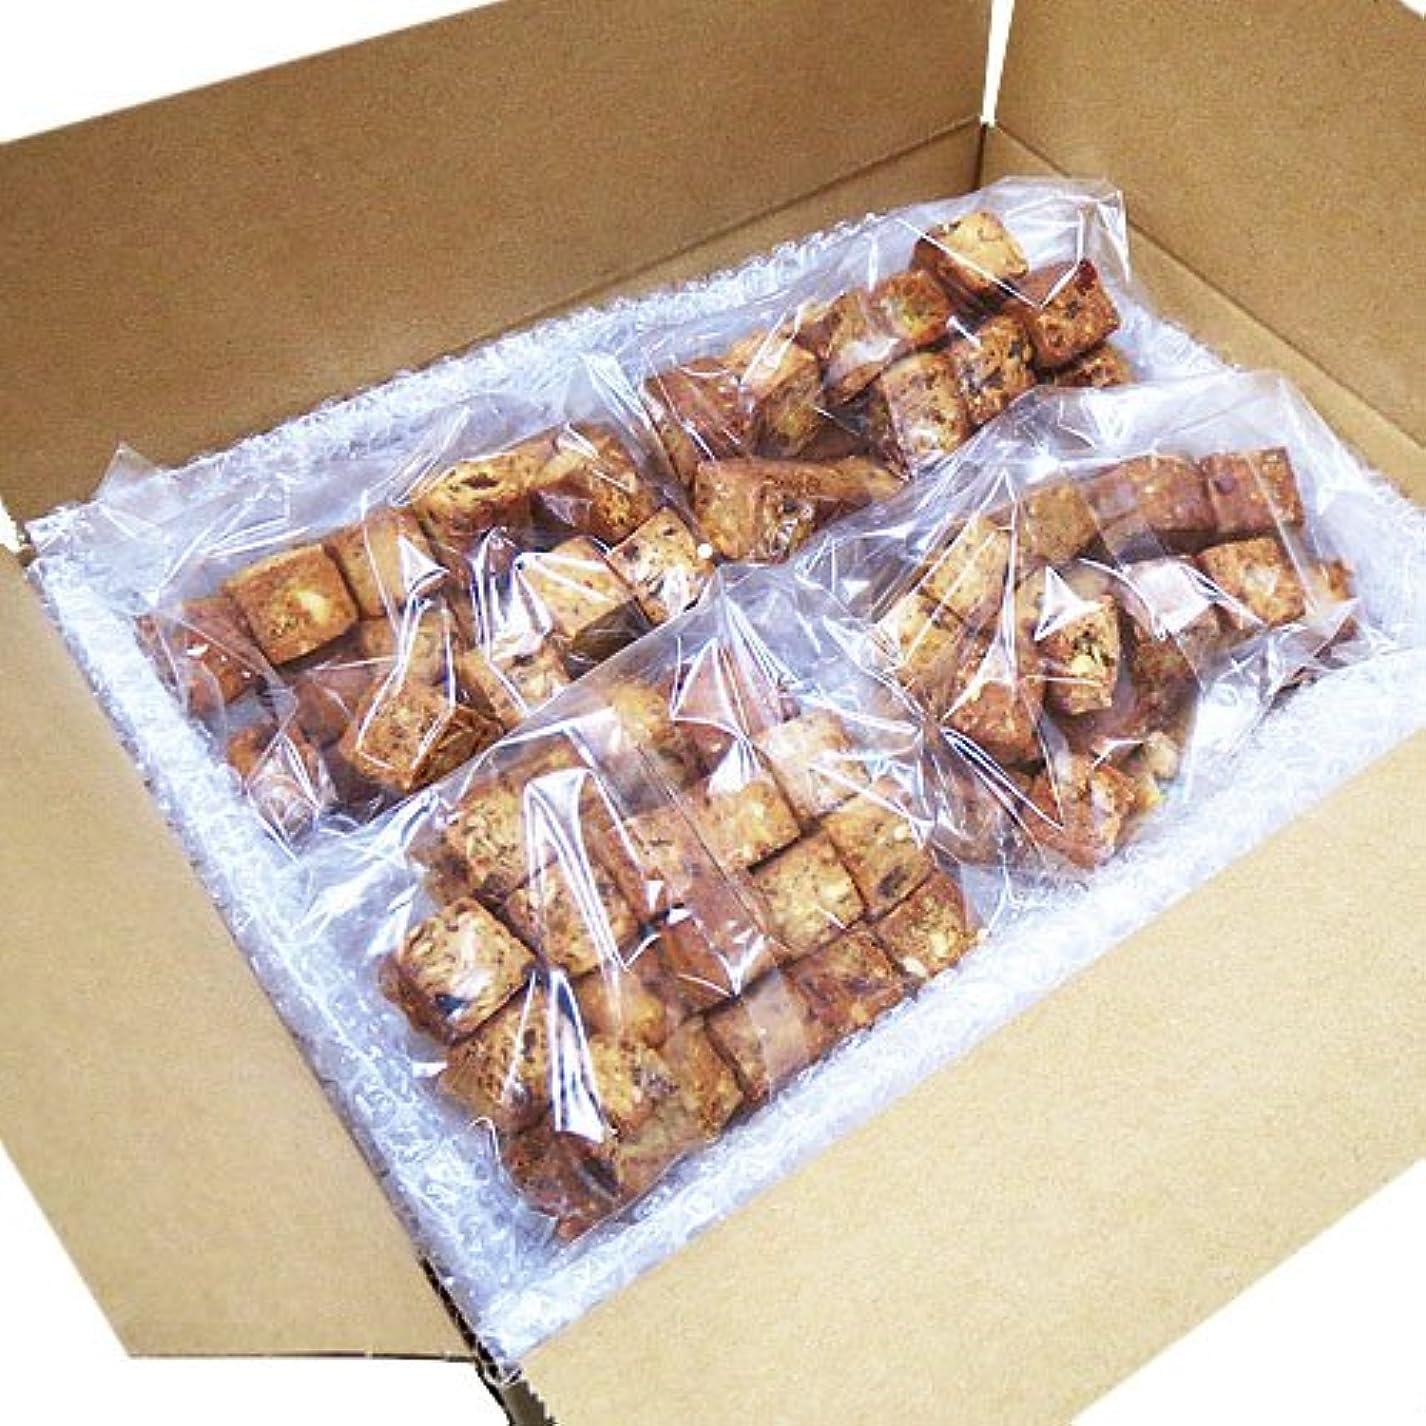 上院水陸両用法医学蒲屋忠兵衛商店  大麦と果実のソイキューブ  800g(200g×4袋)